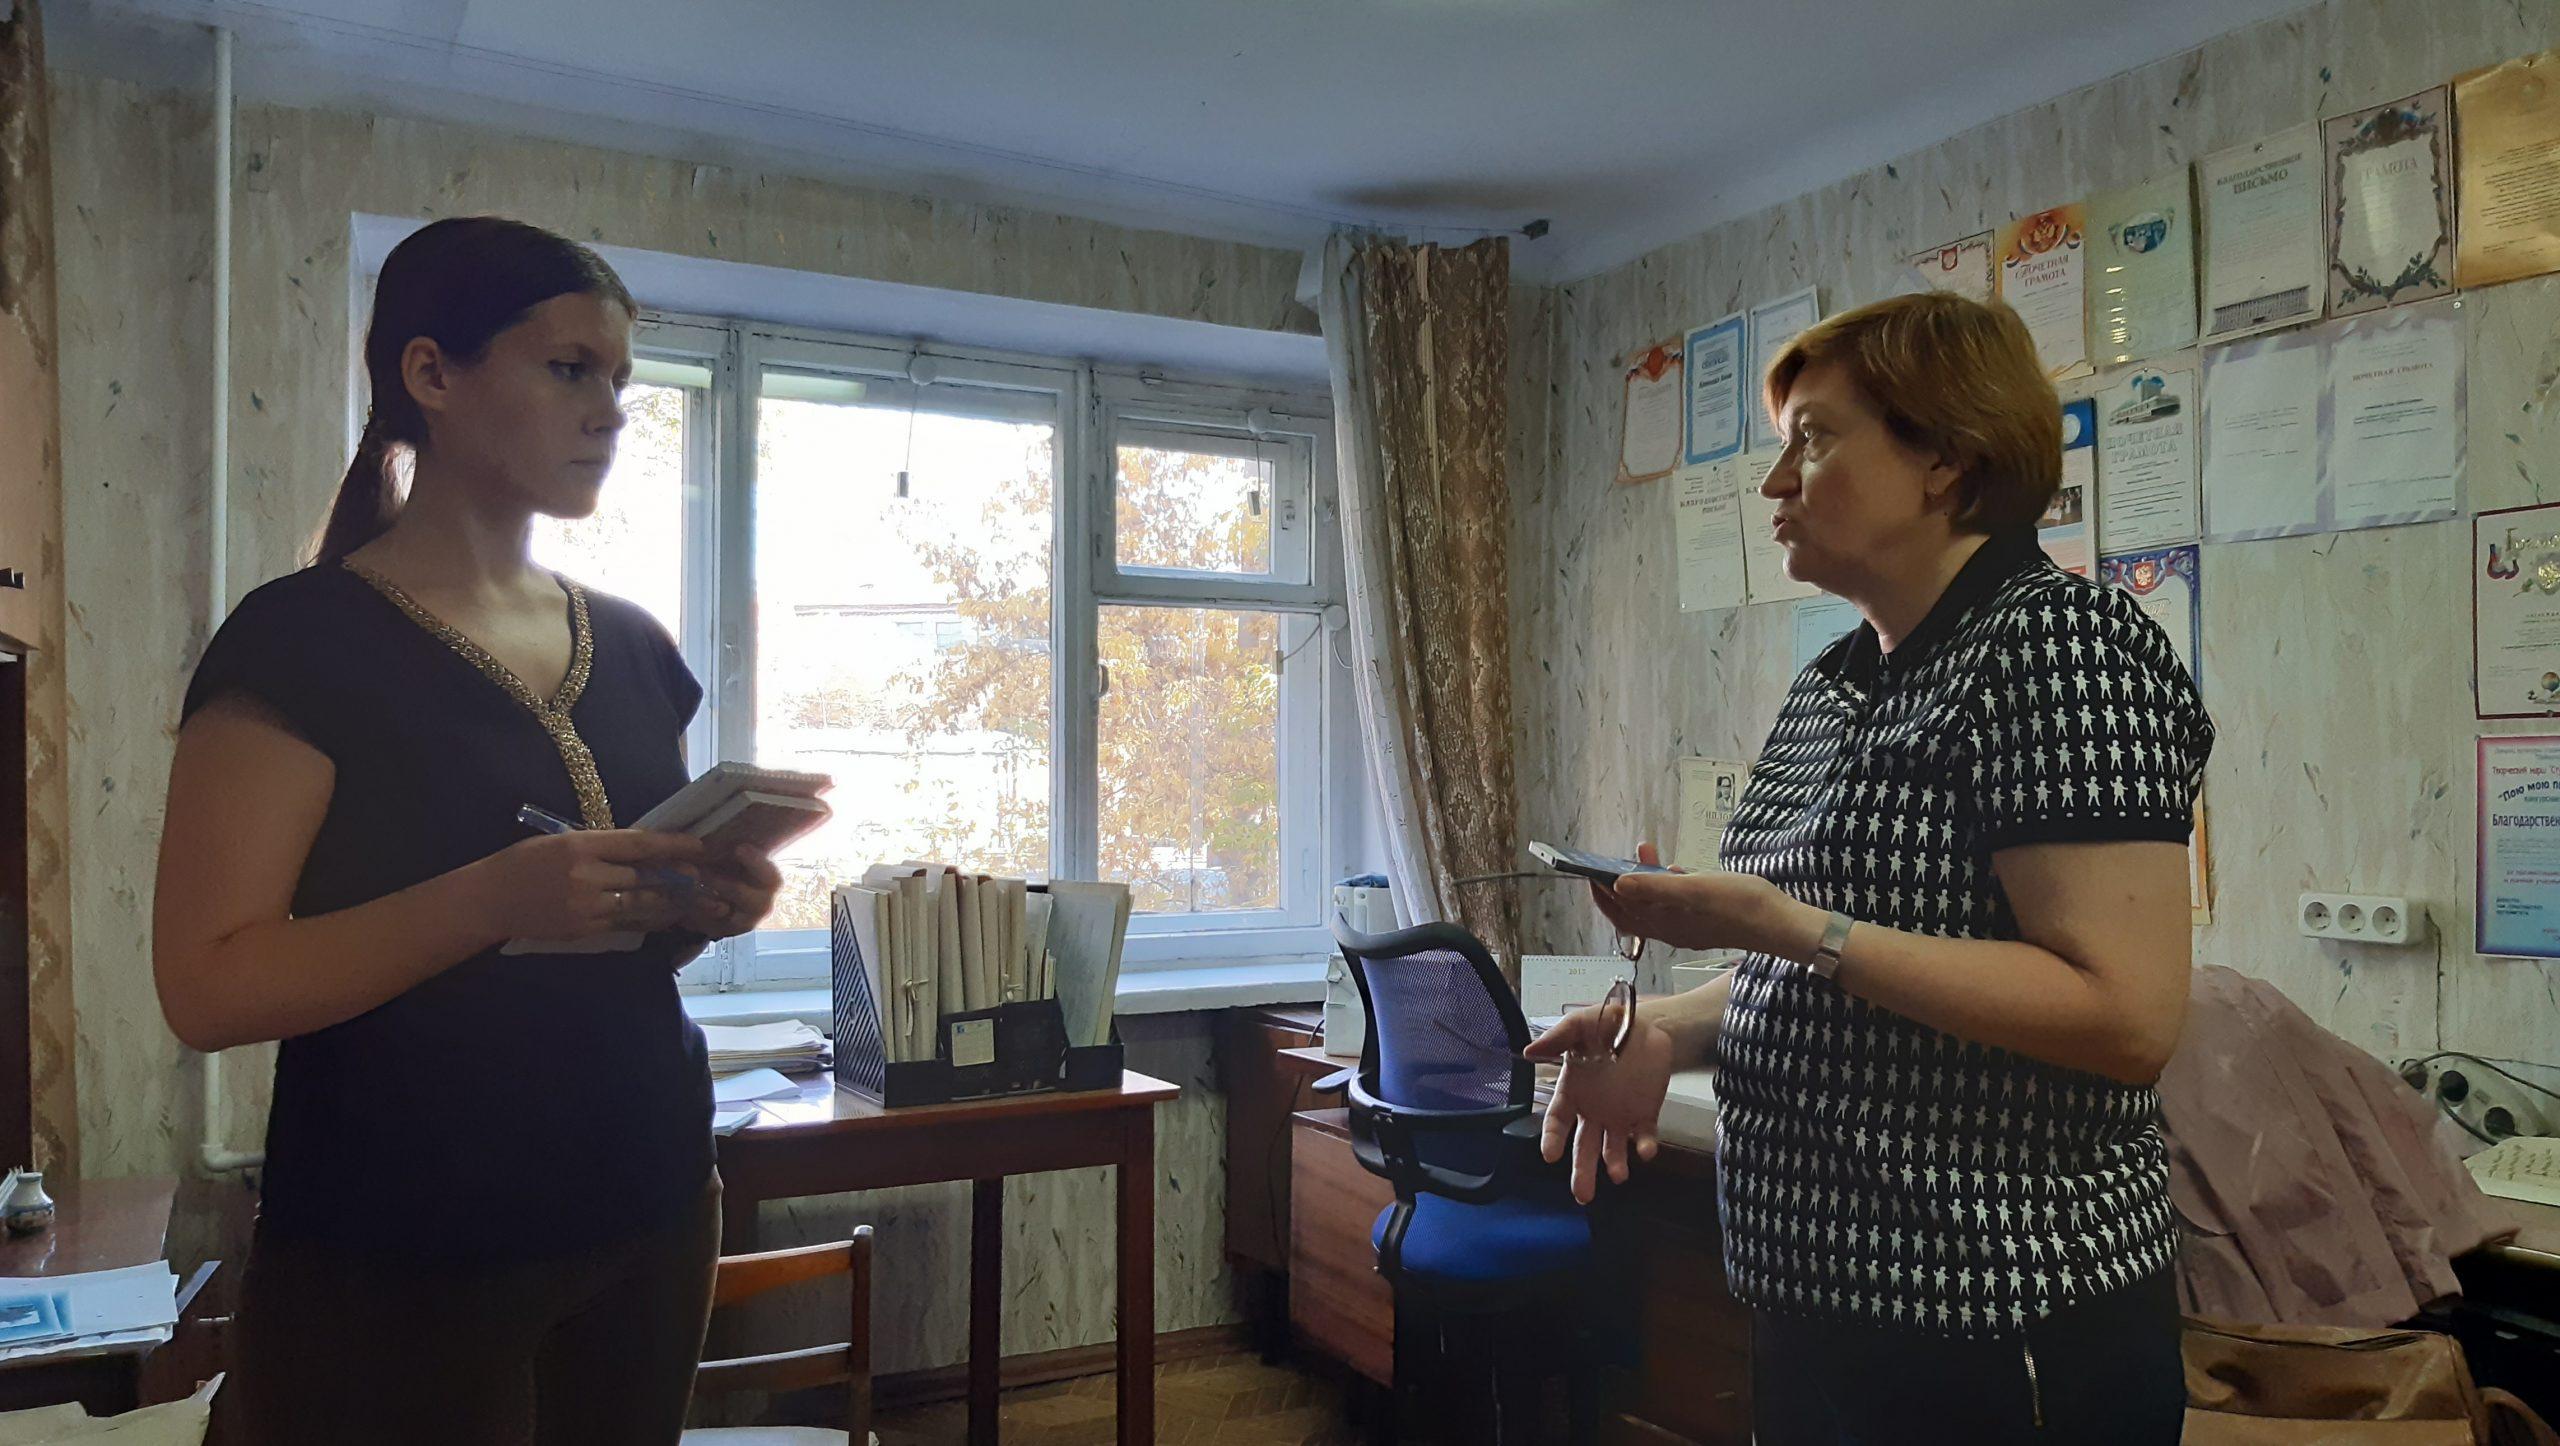 Интервью с Т.Б. Смирновой А.А. Гоппе, г. Омск, Омская область, 2019 г.